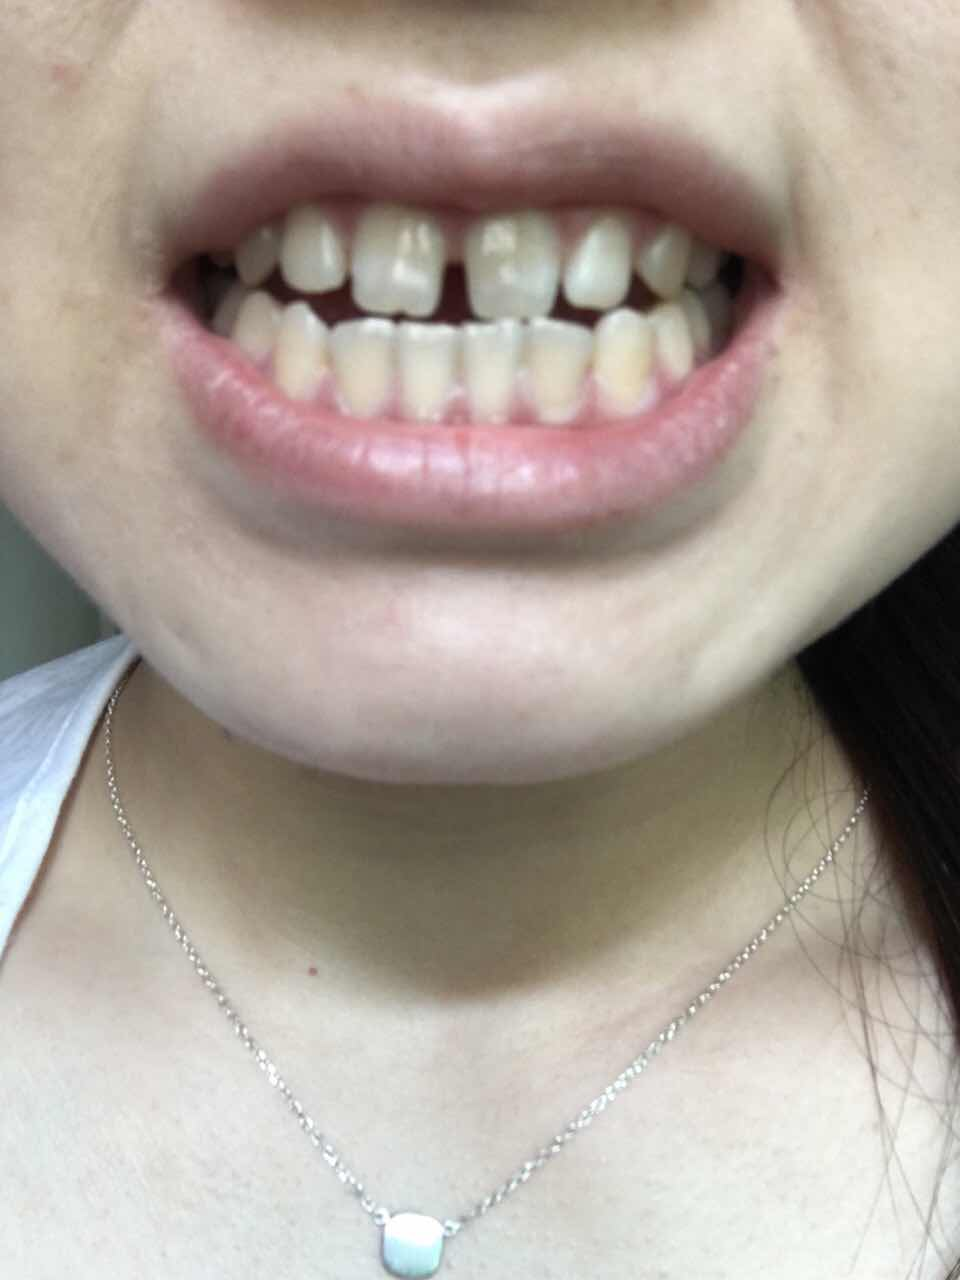 牙齿间距大怎么办,牙齿又黄,牙间距无比宽,怎么办怎么办怎么办啊是要矫正还是做烤瓷牙啊郁闷